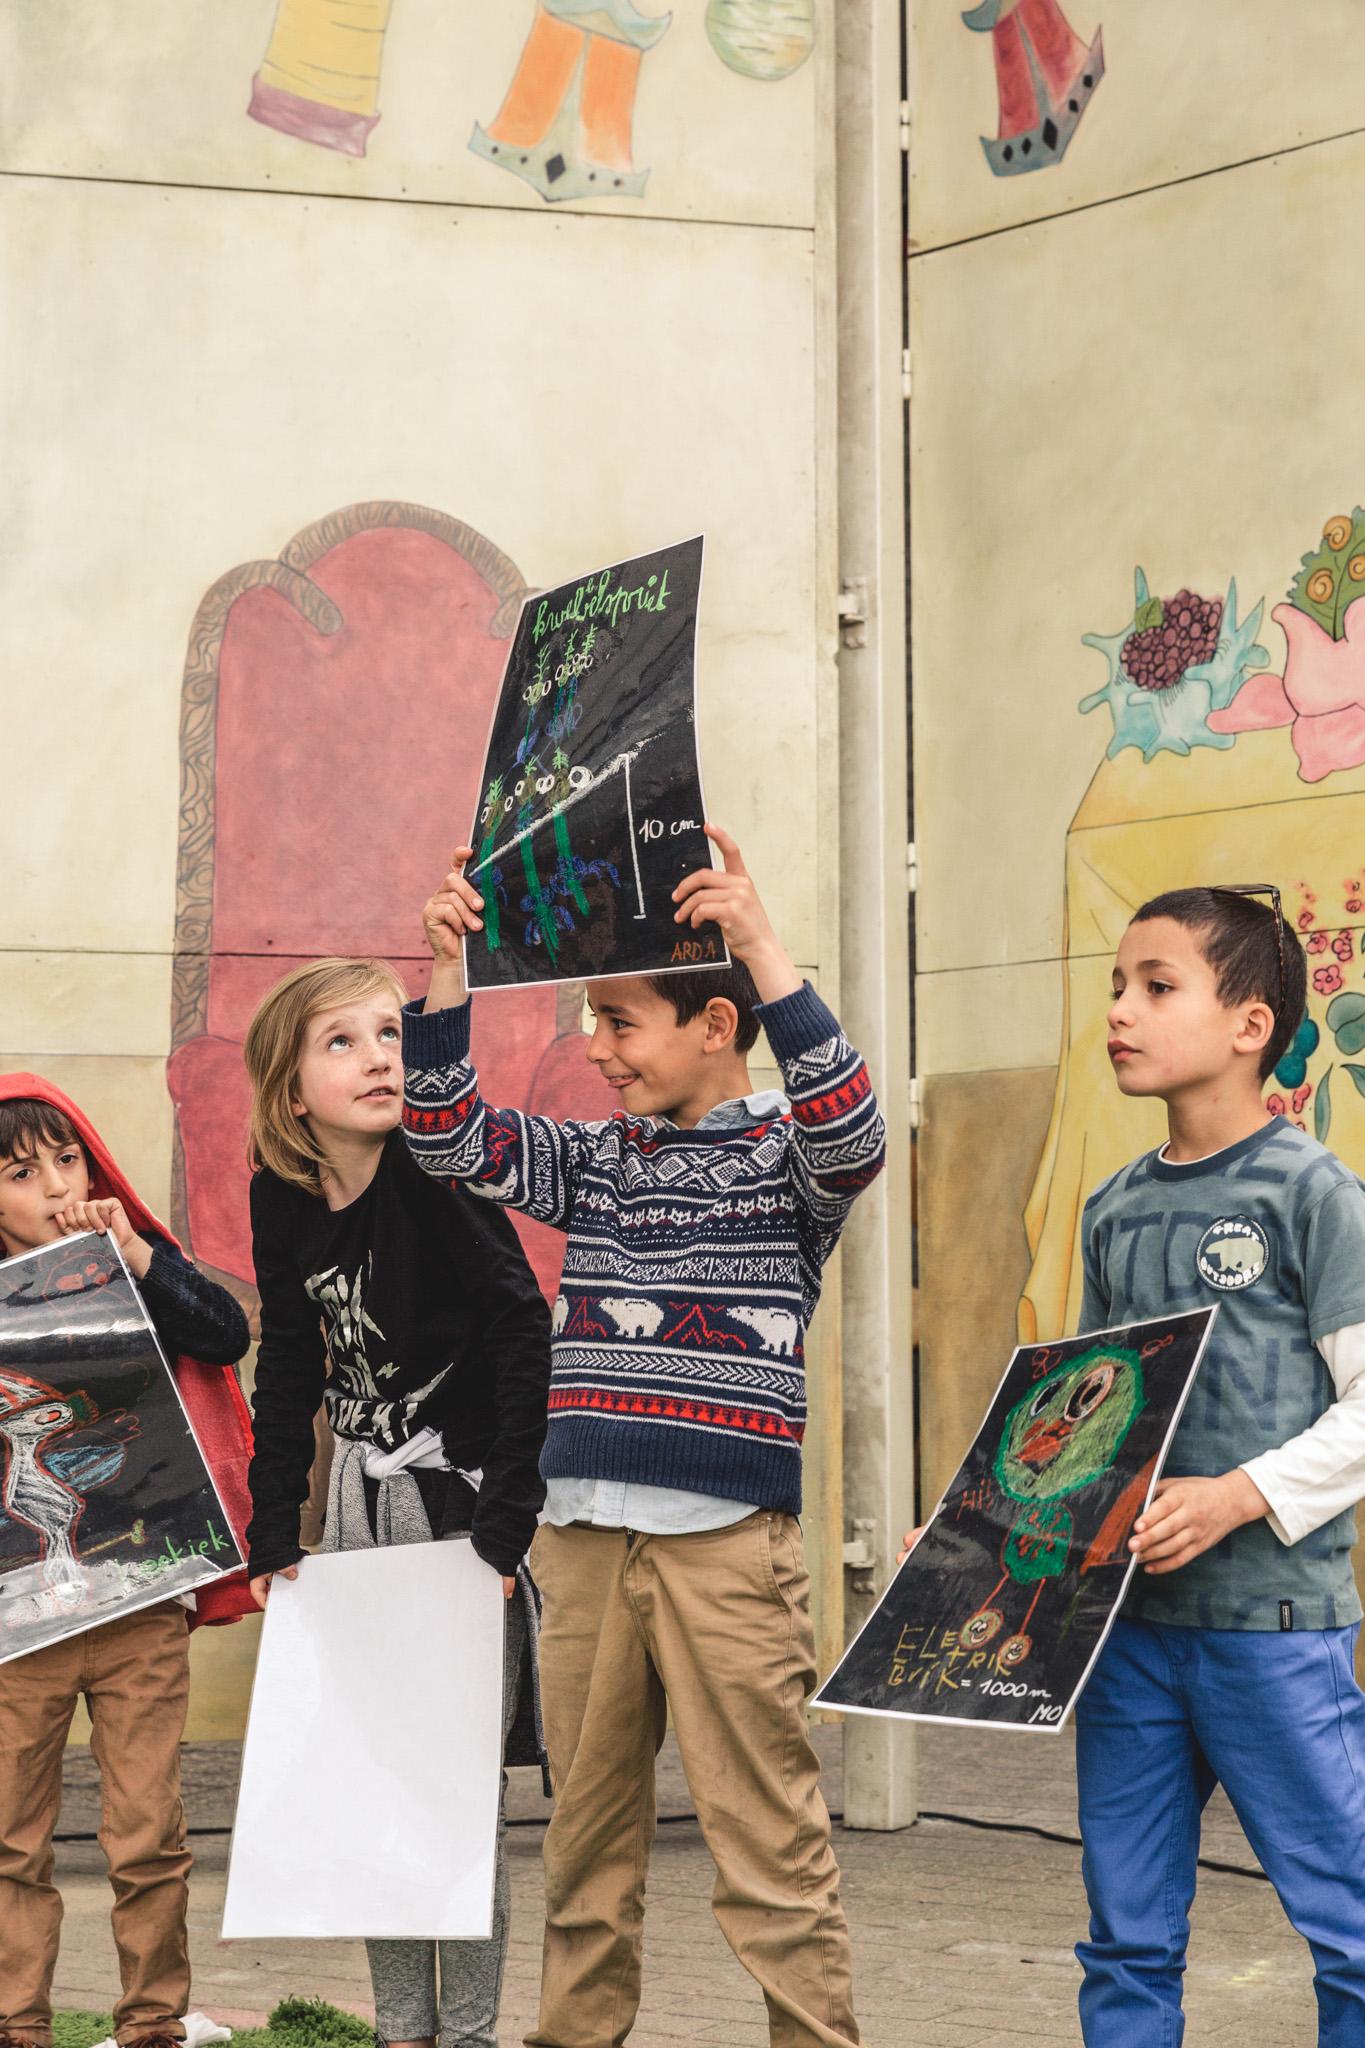 Kinderen raden de covers van boeken tijdens een schoolfeest